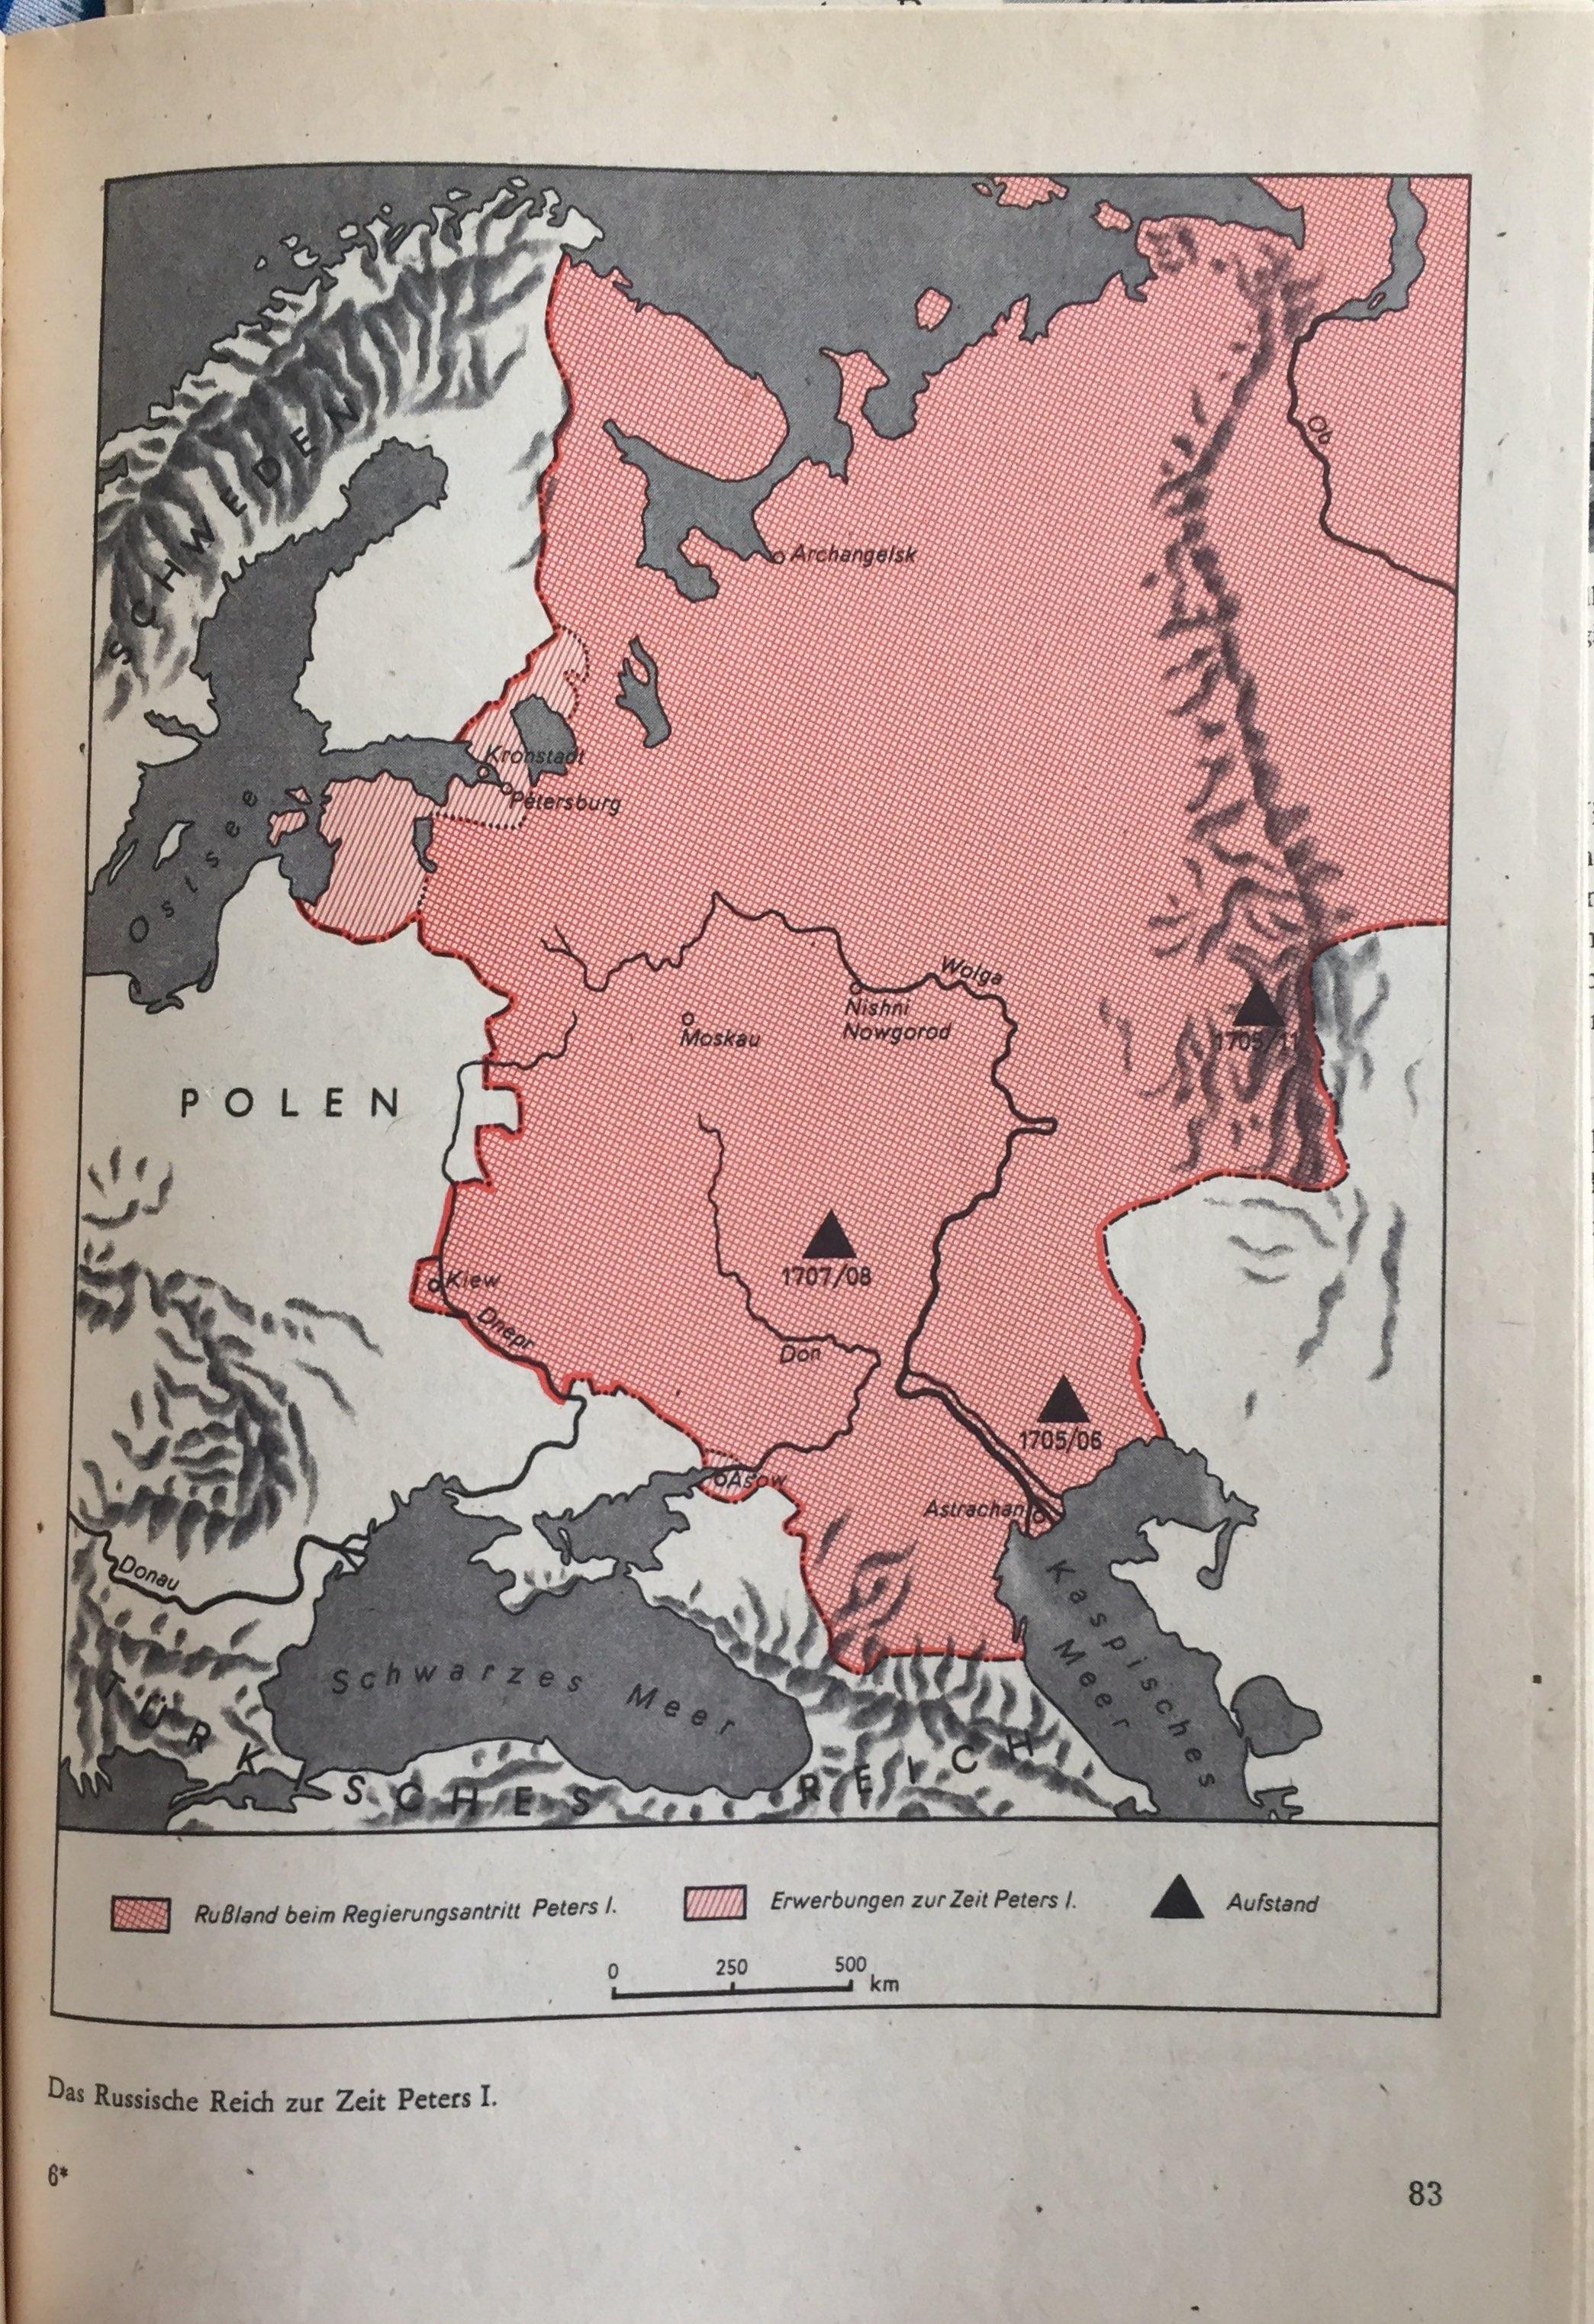 Das russische Reich zur Zeit Peters I.